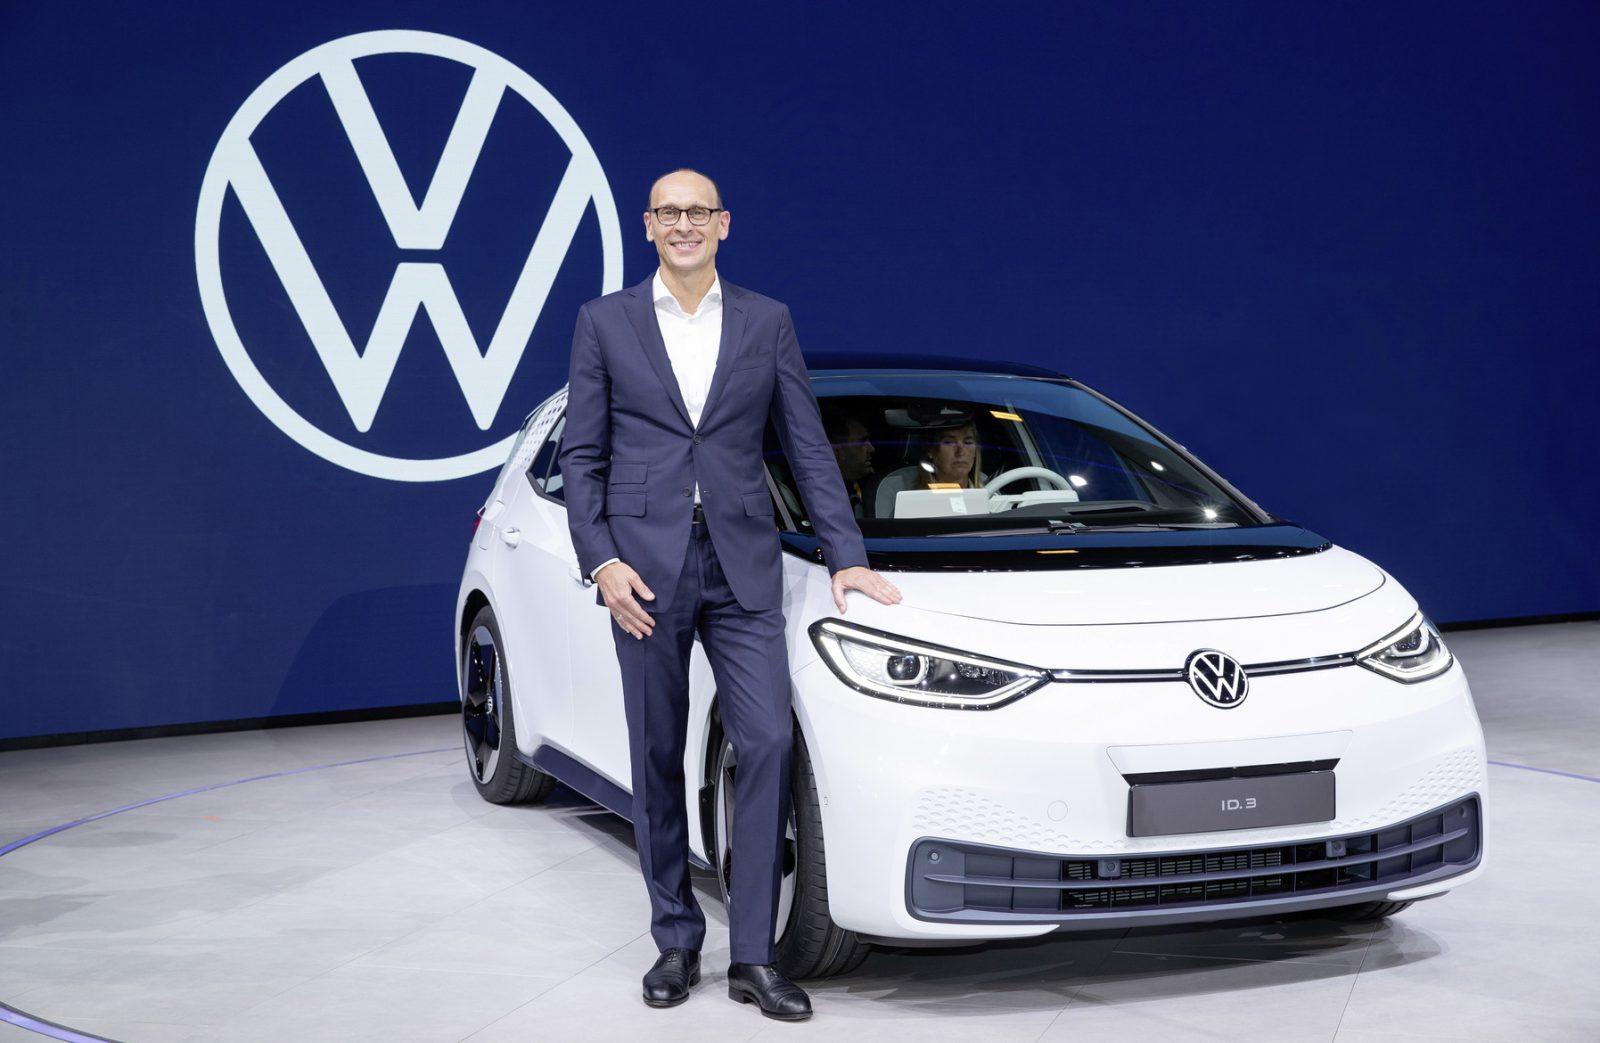 Volkswagen Iaa 2019